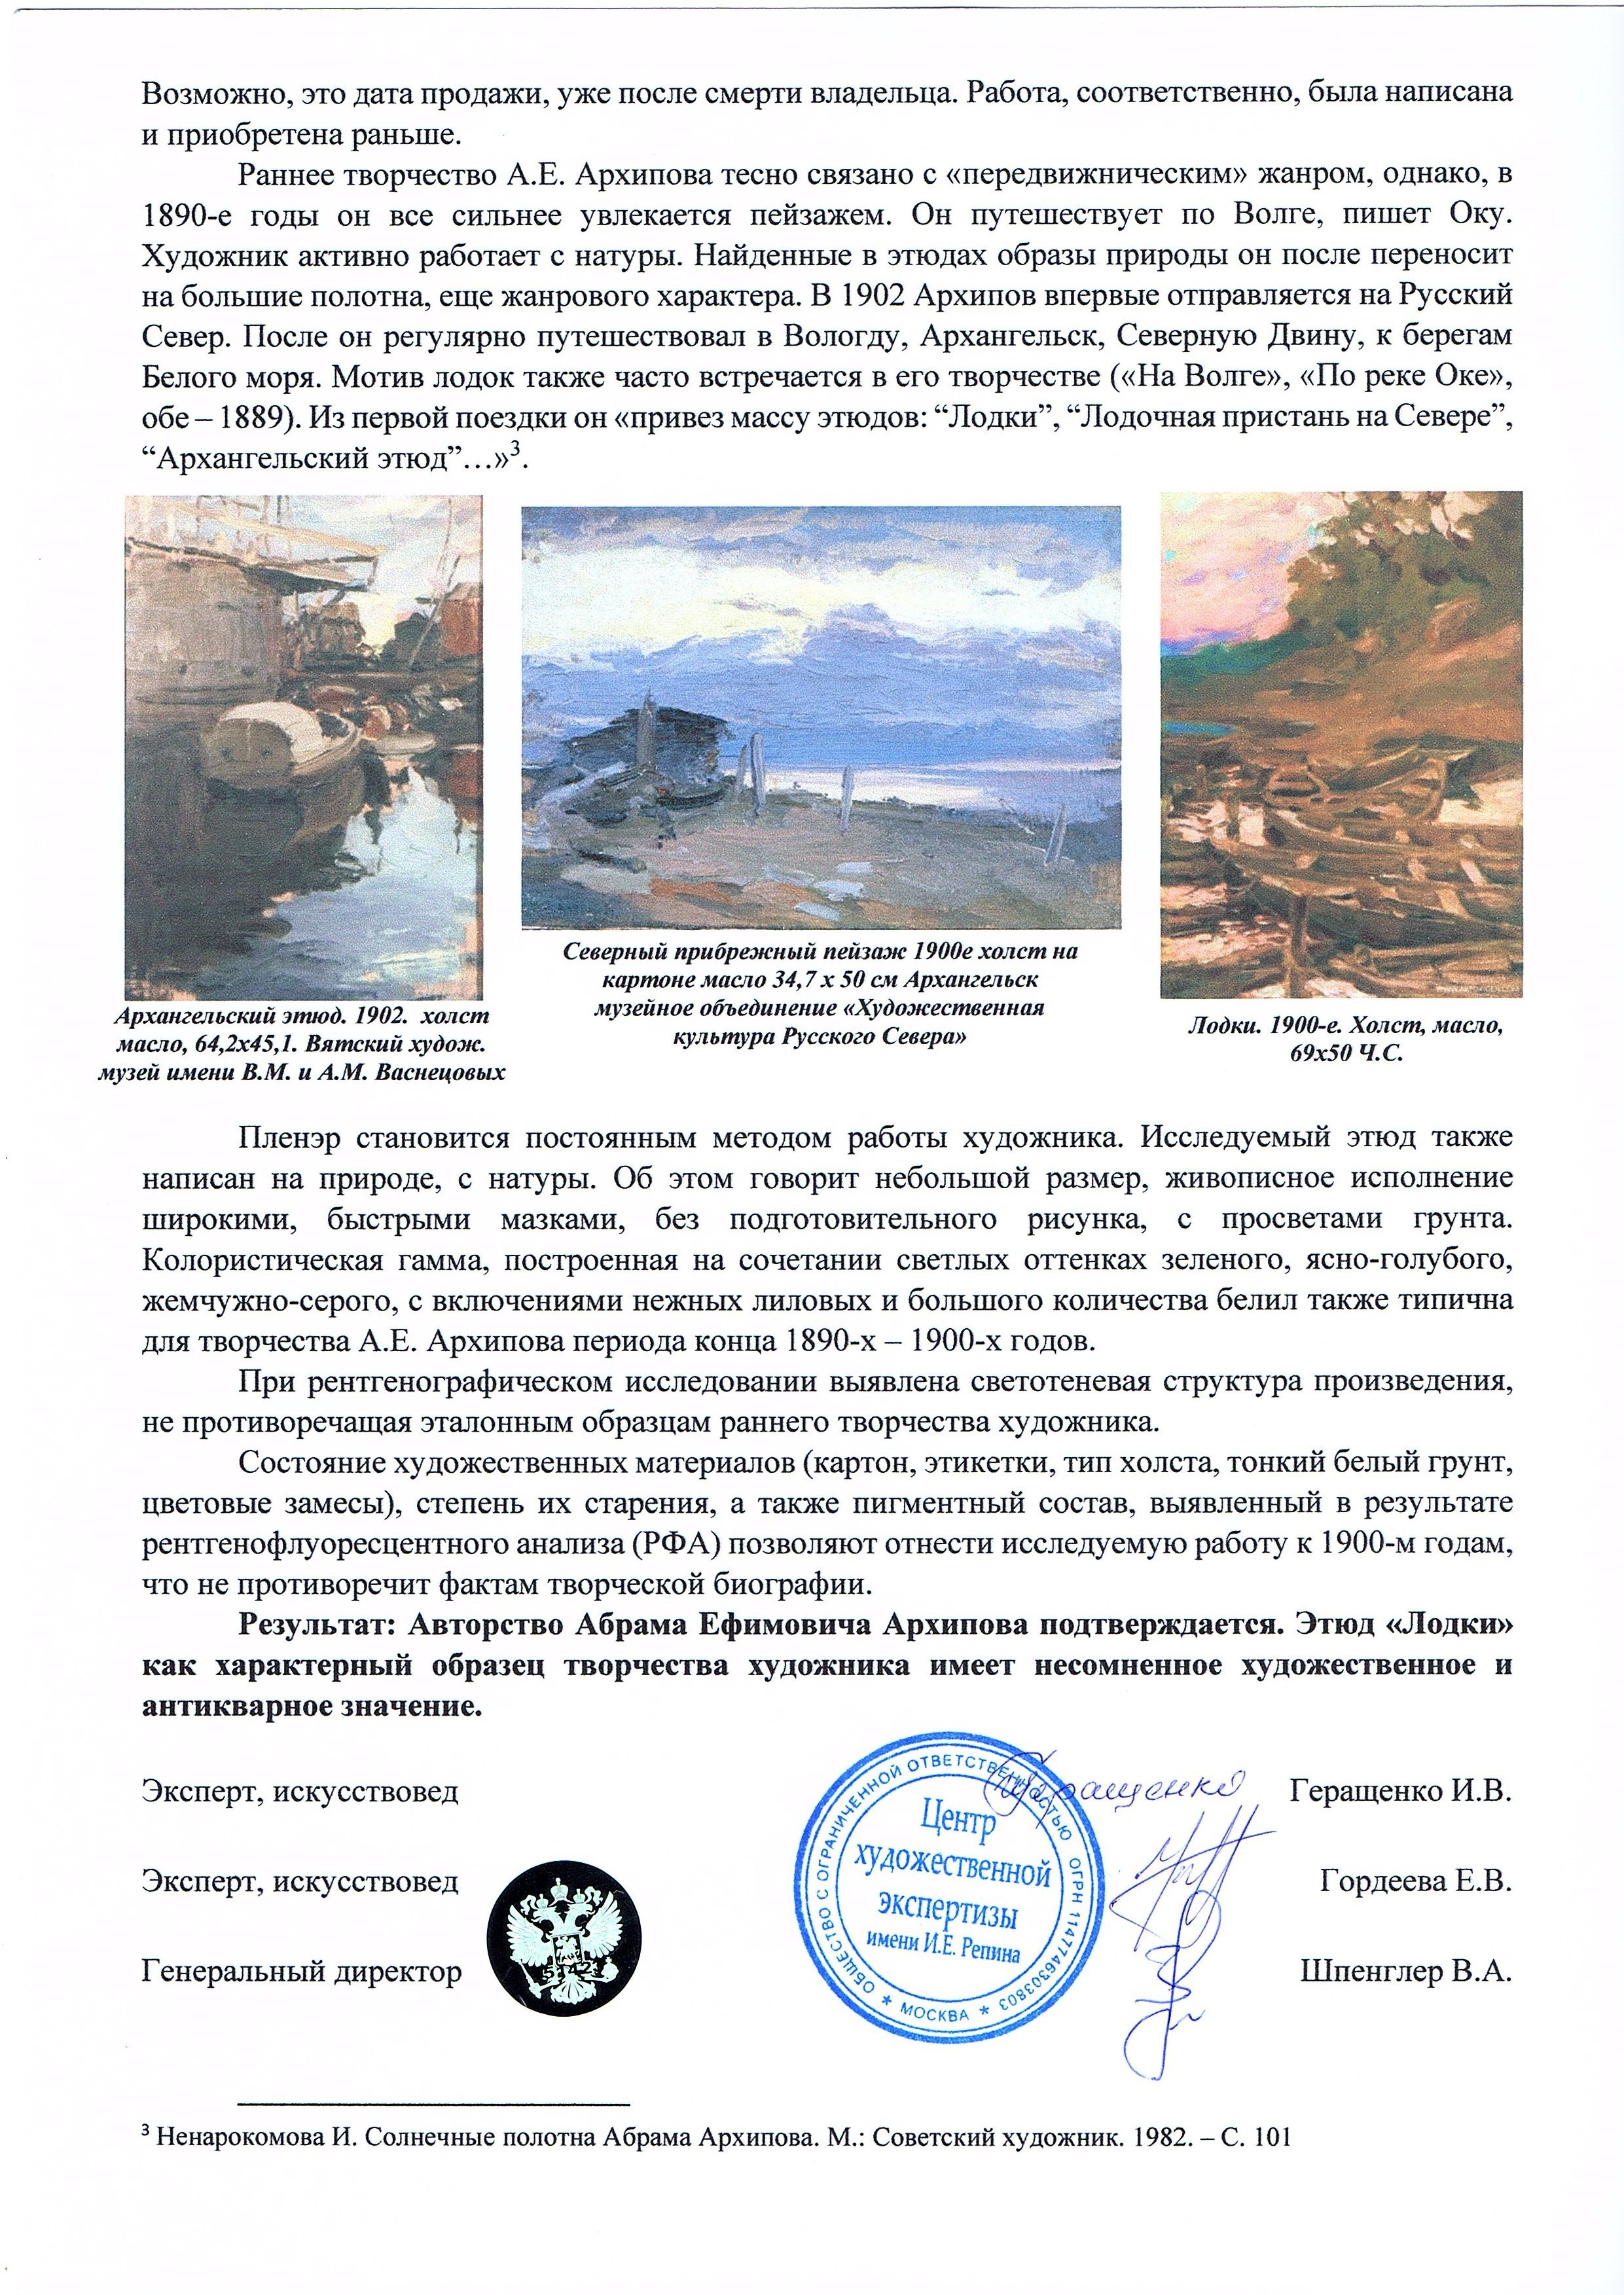 Архипов Абрам Ефимович «Лодки» 1890-е гг.